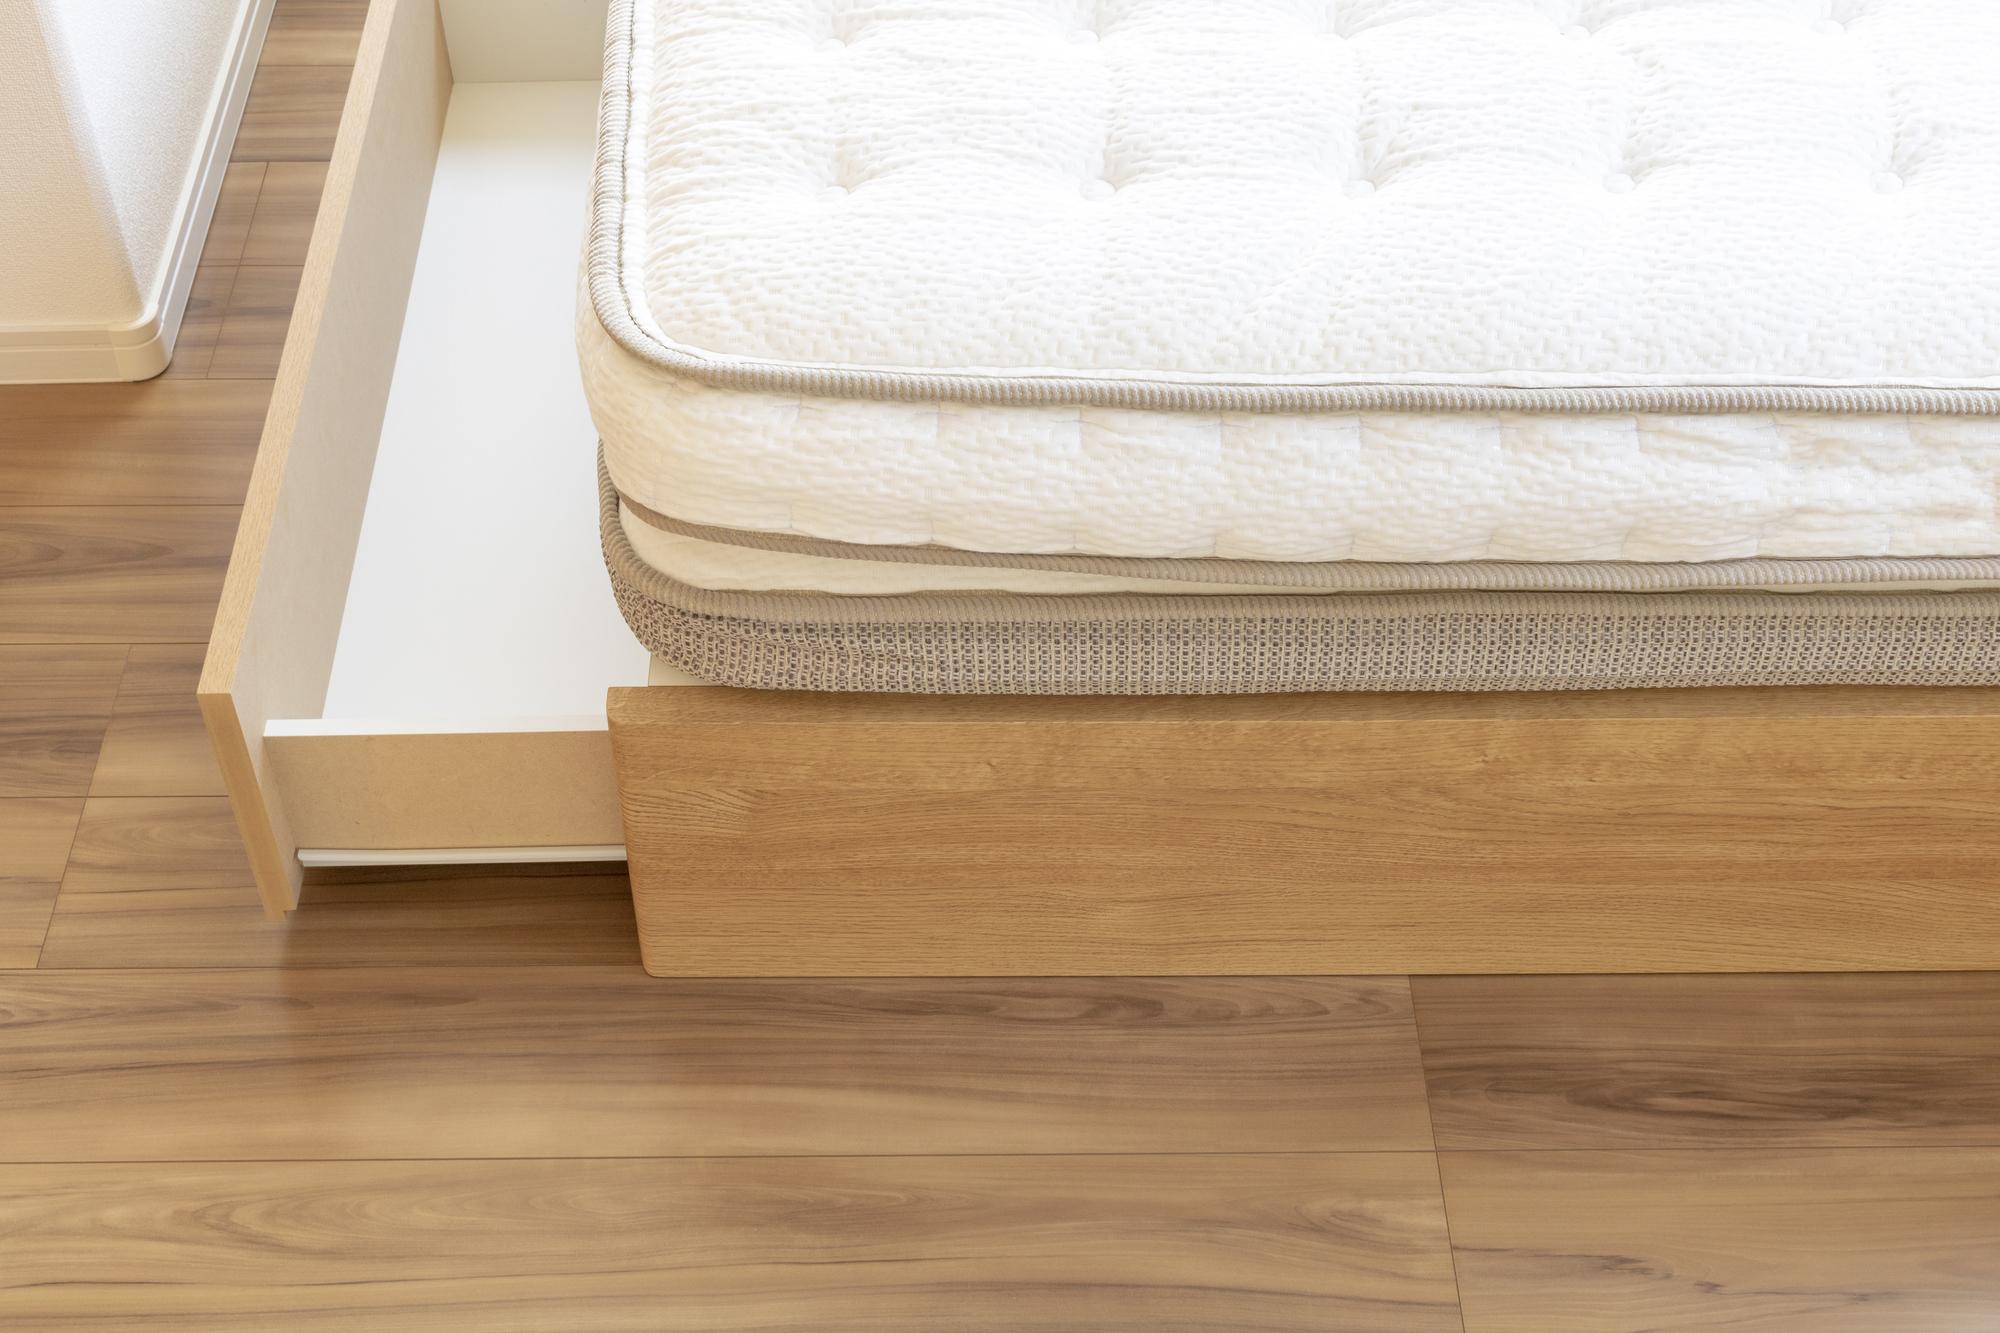 フレーム+マットレスタイプのベッドの写真